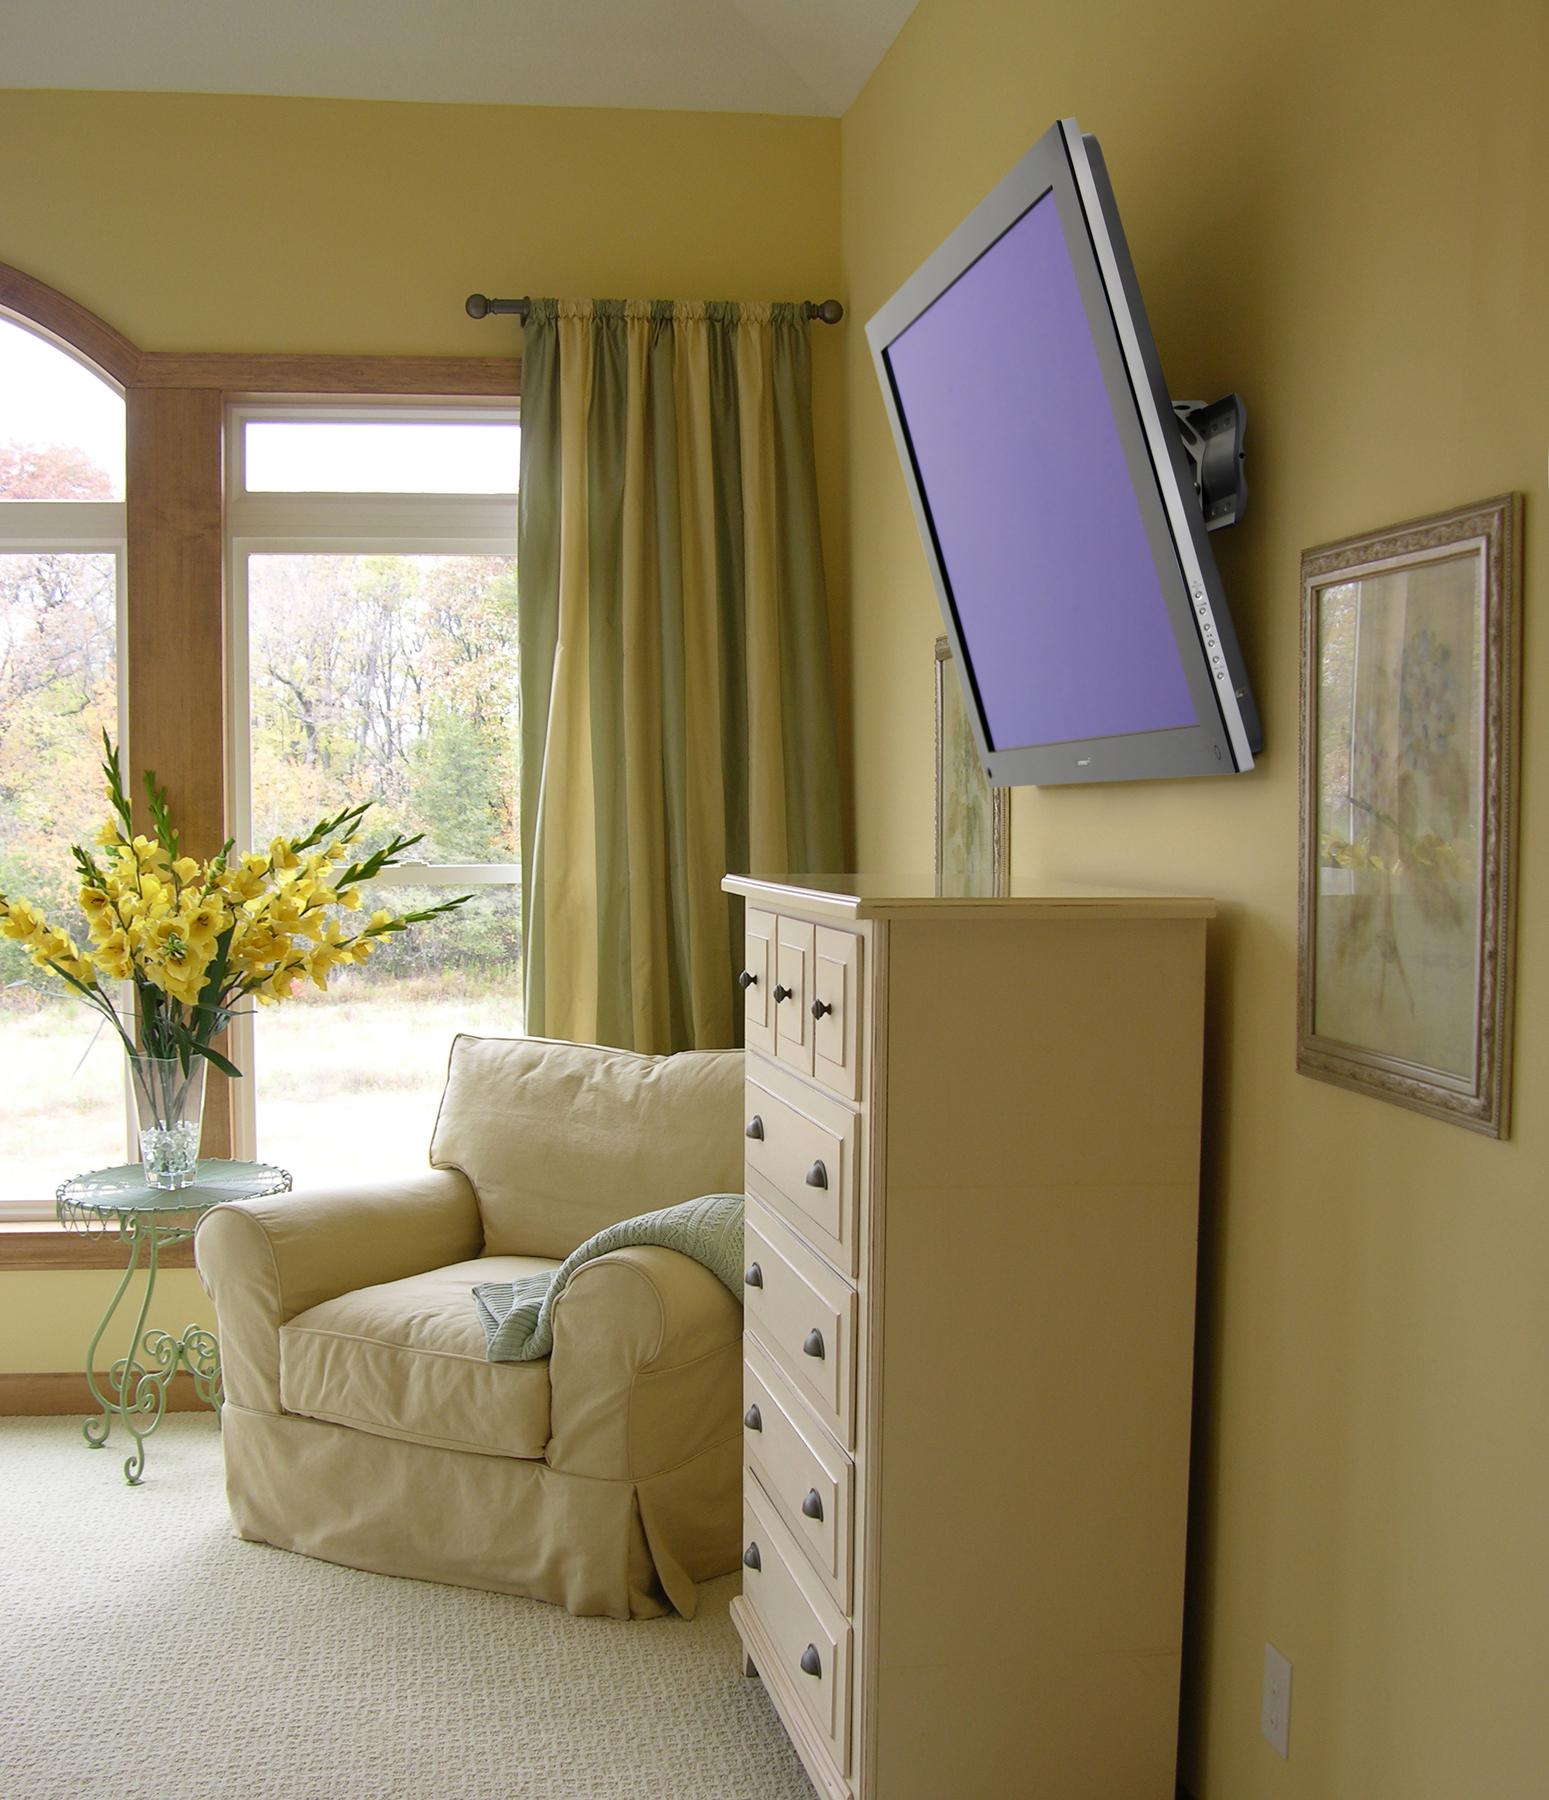 televisión en la habitación